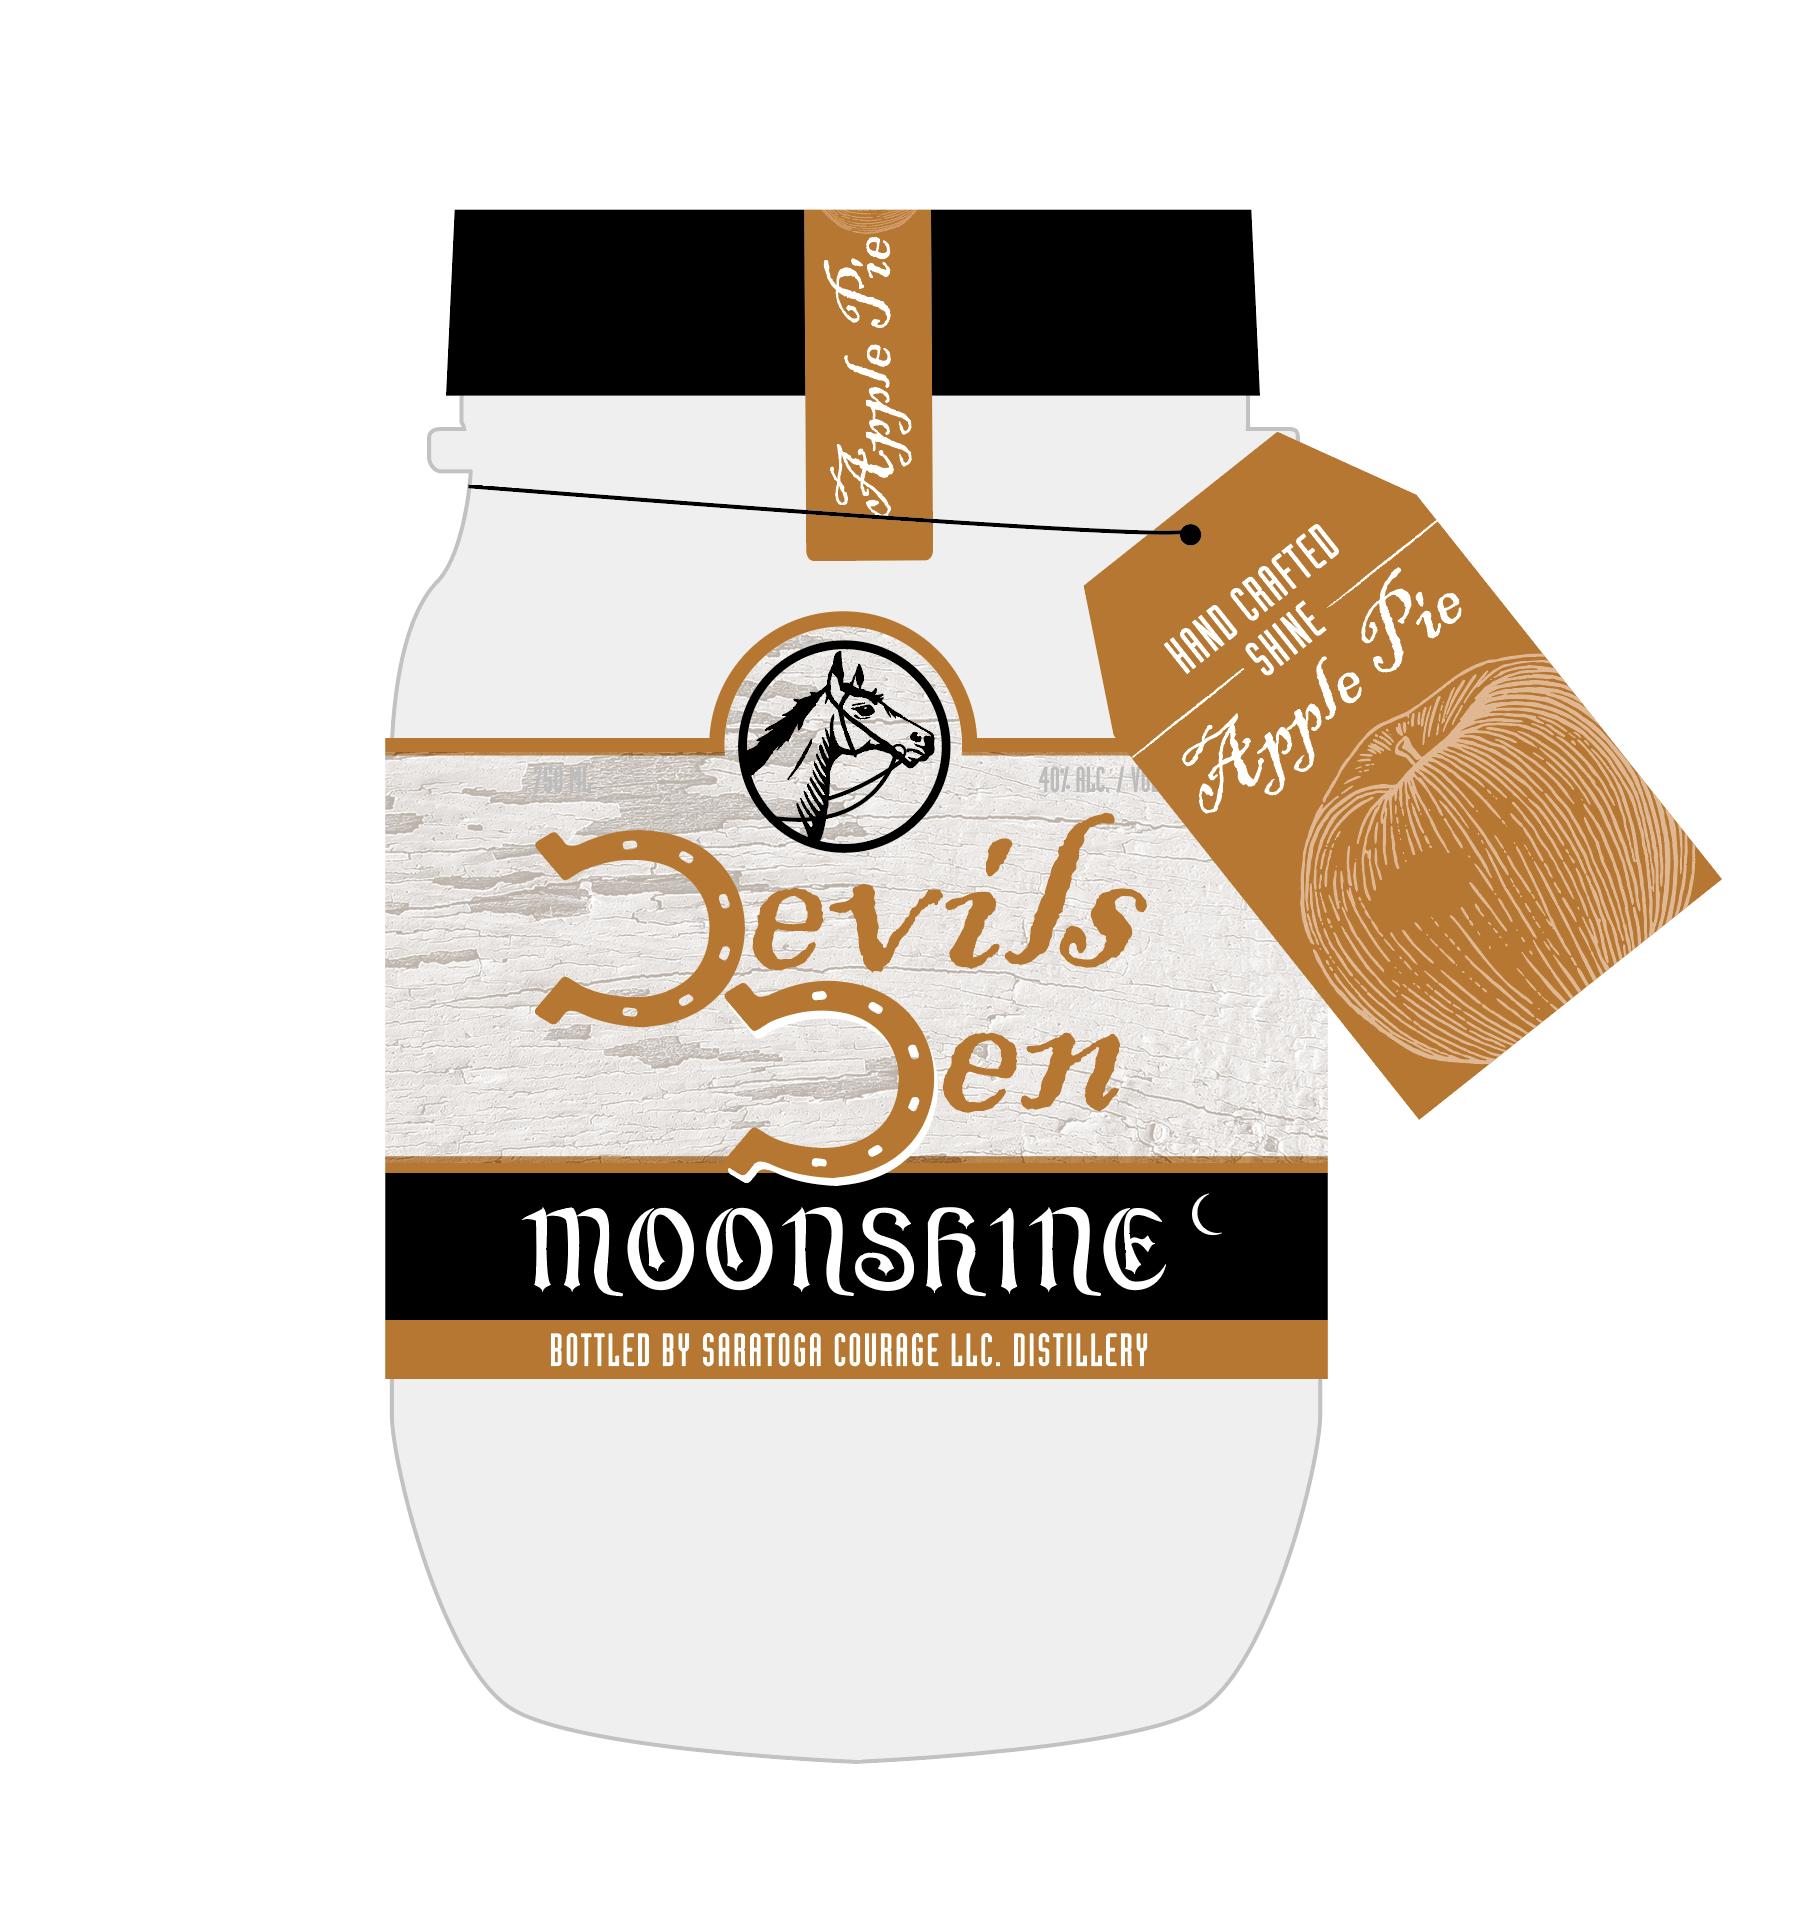 distillery moonshine label design by Mike Hosier